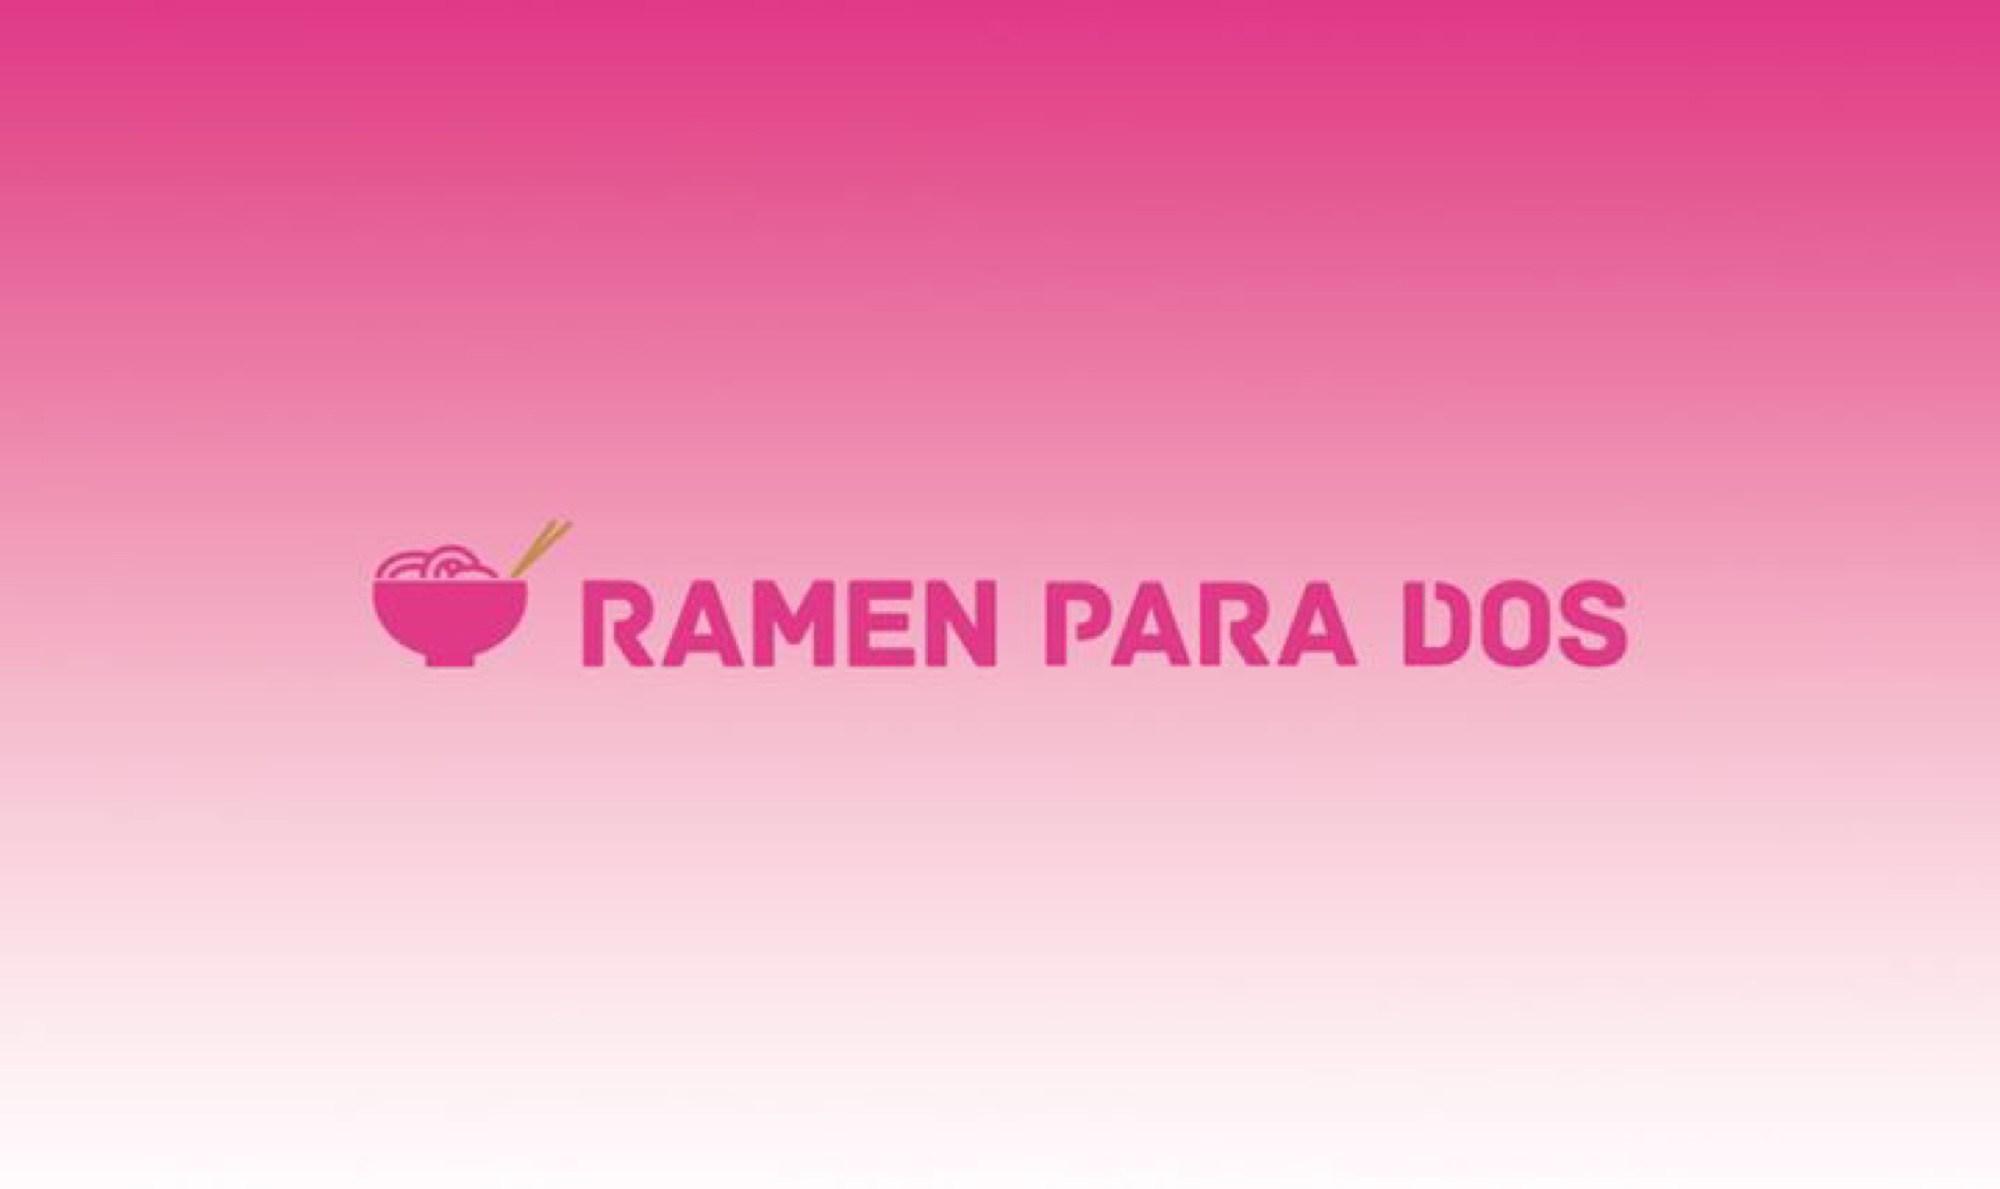 RamenParaDos's Cover Photo